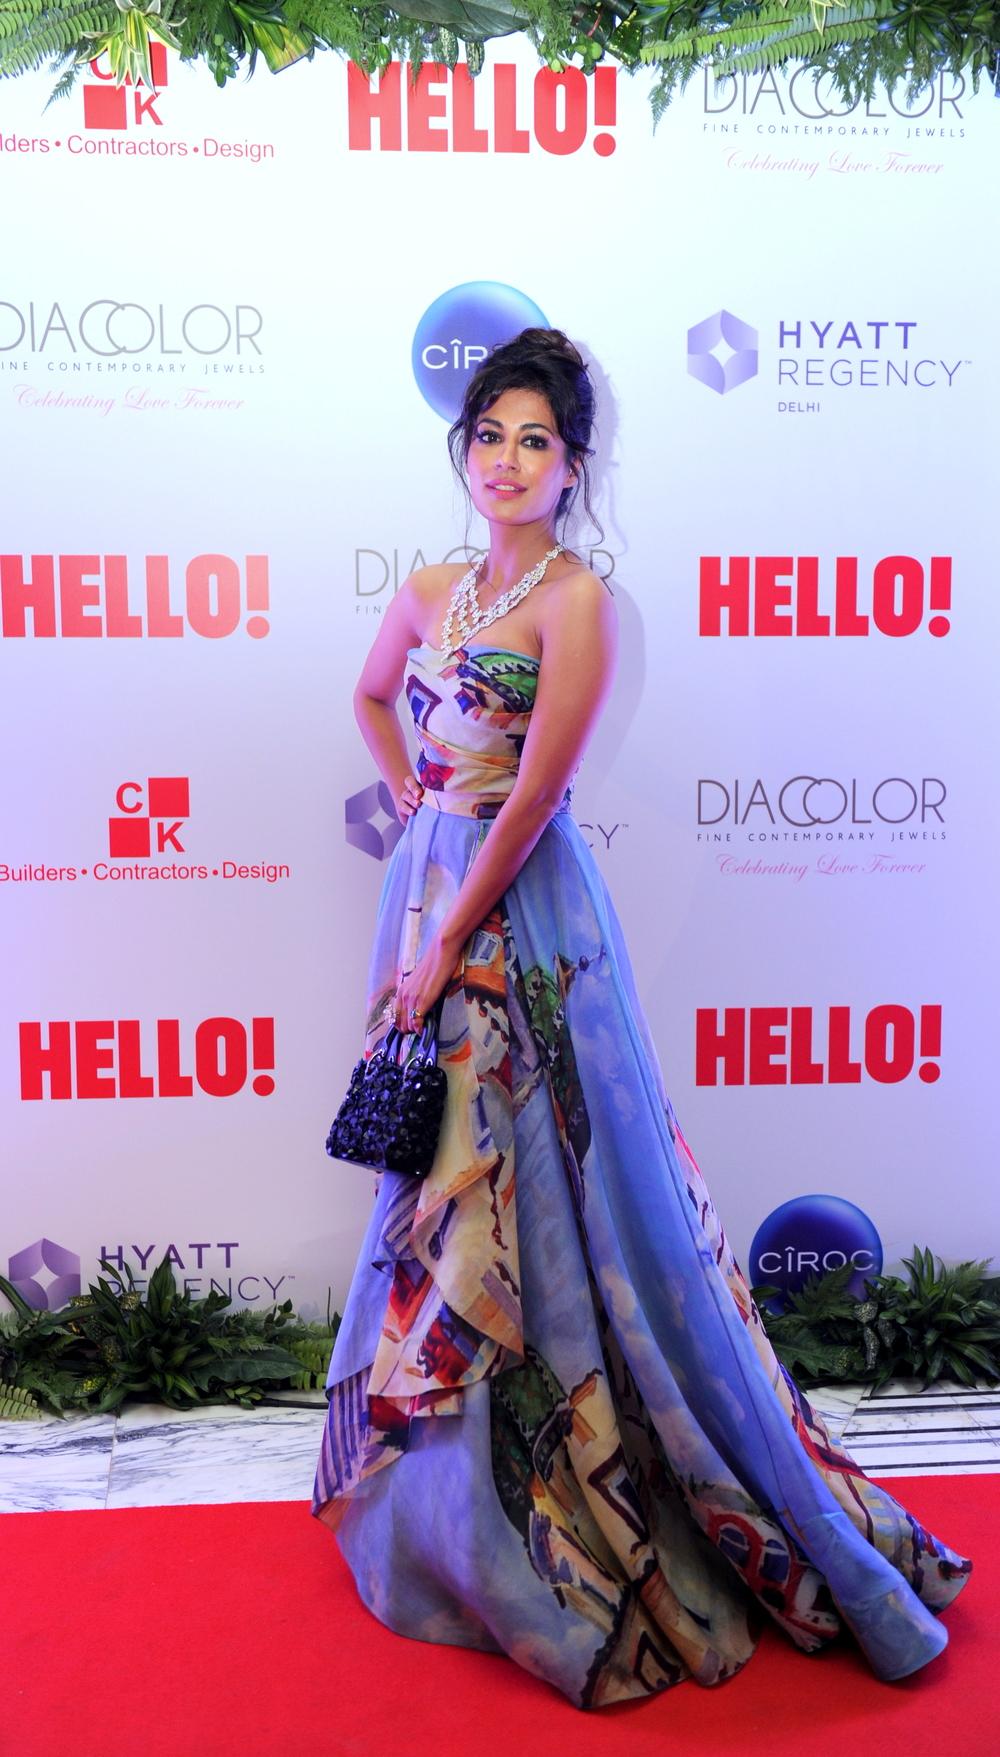 Chitrangada Singh in Diacolor, Gauri & Nainika and Dior